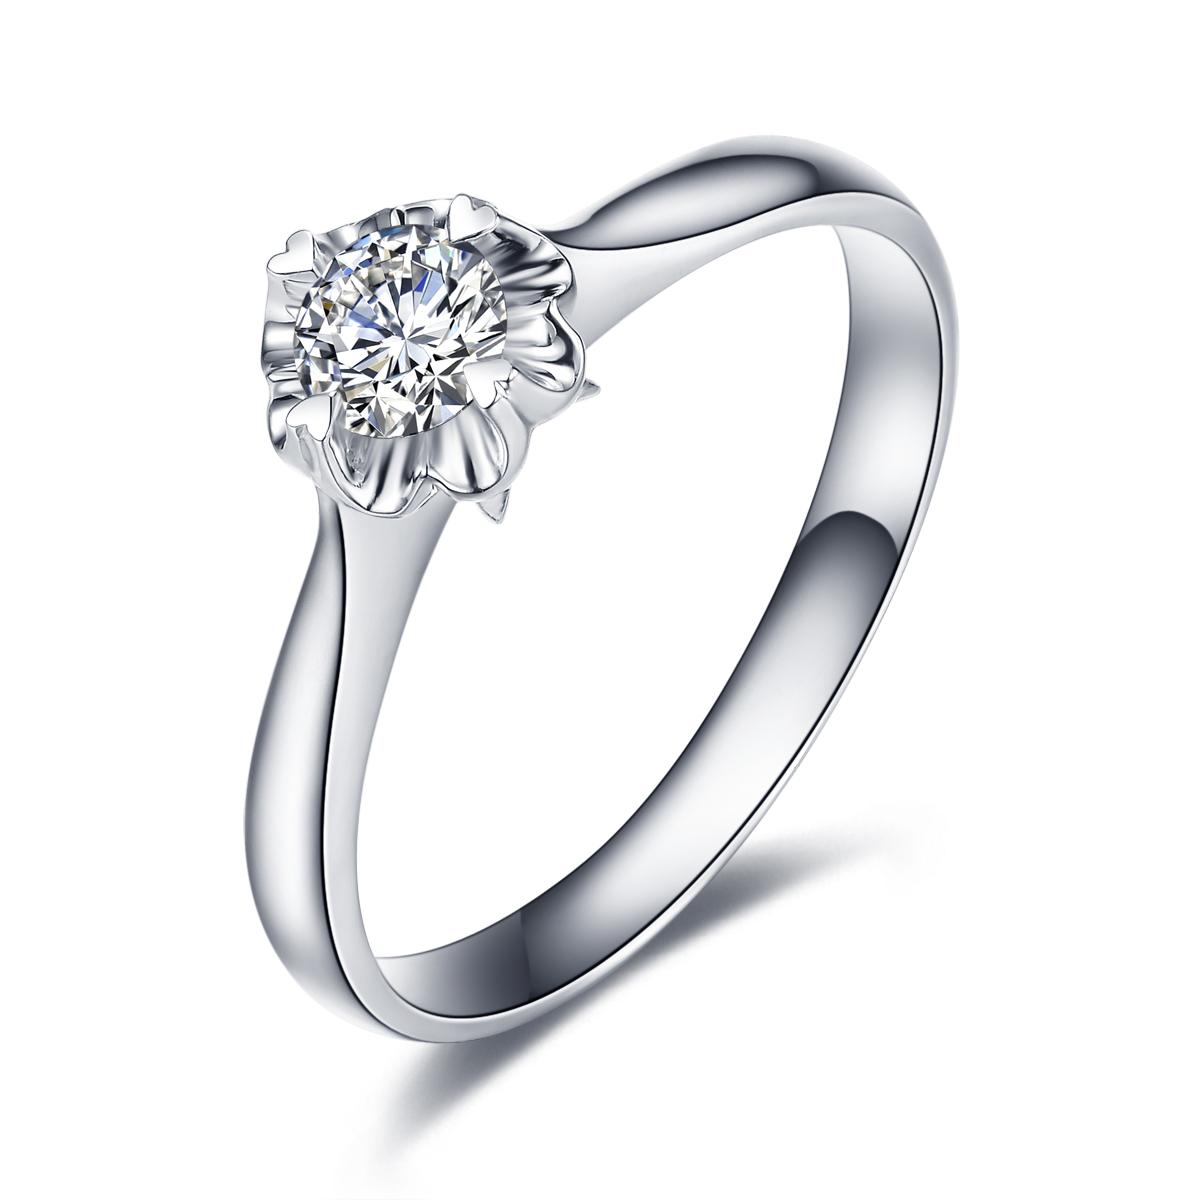 钻石鉴定与分级 钻石的净度